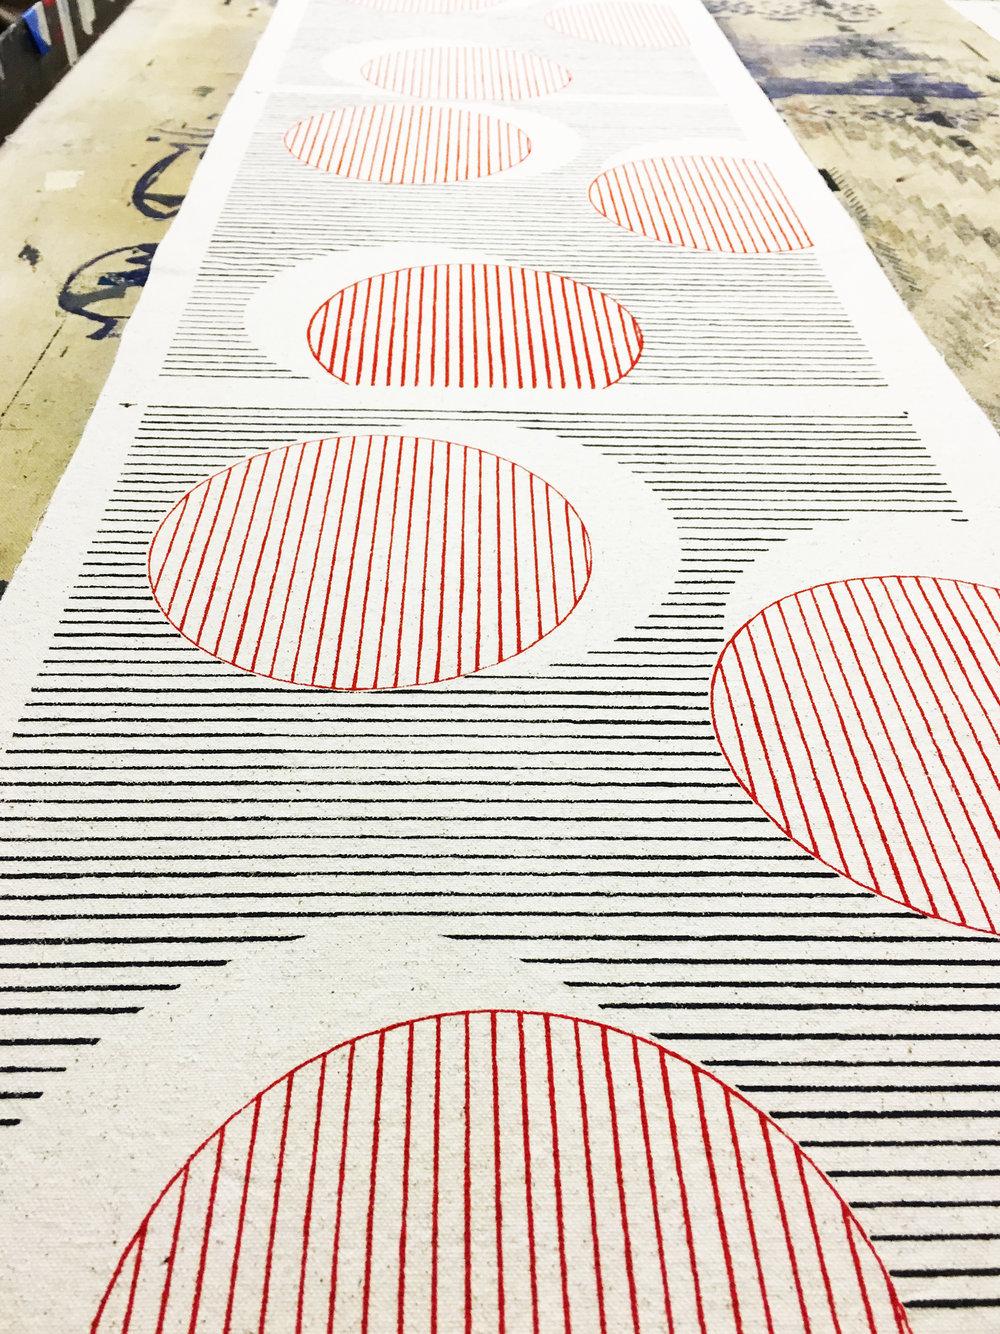 MM_circle line printed.JPG